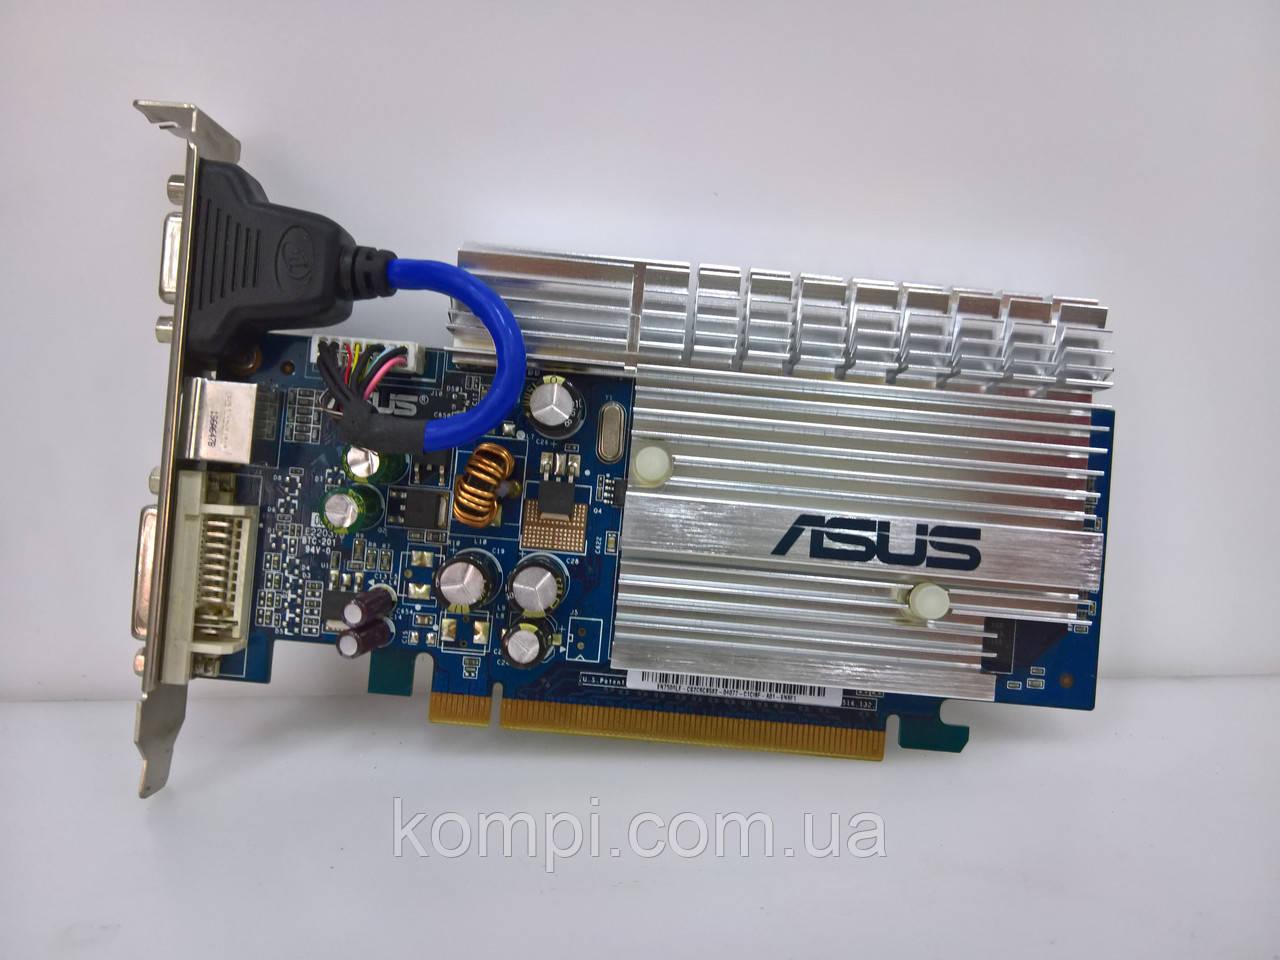 Видеокарта NVIDIA 7500 le 128mb  PCI-E